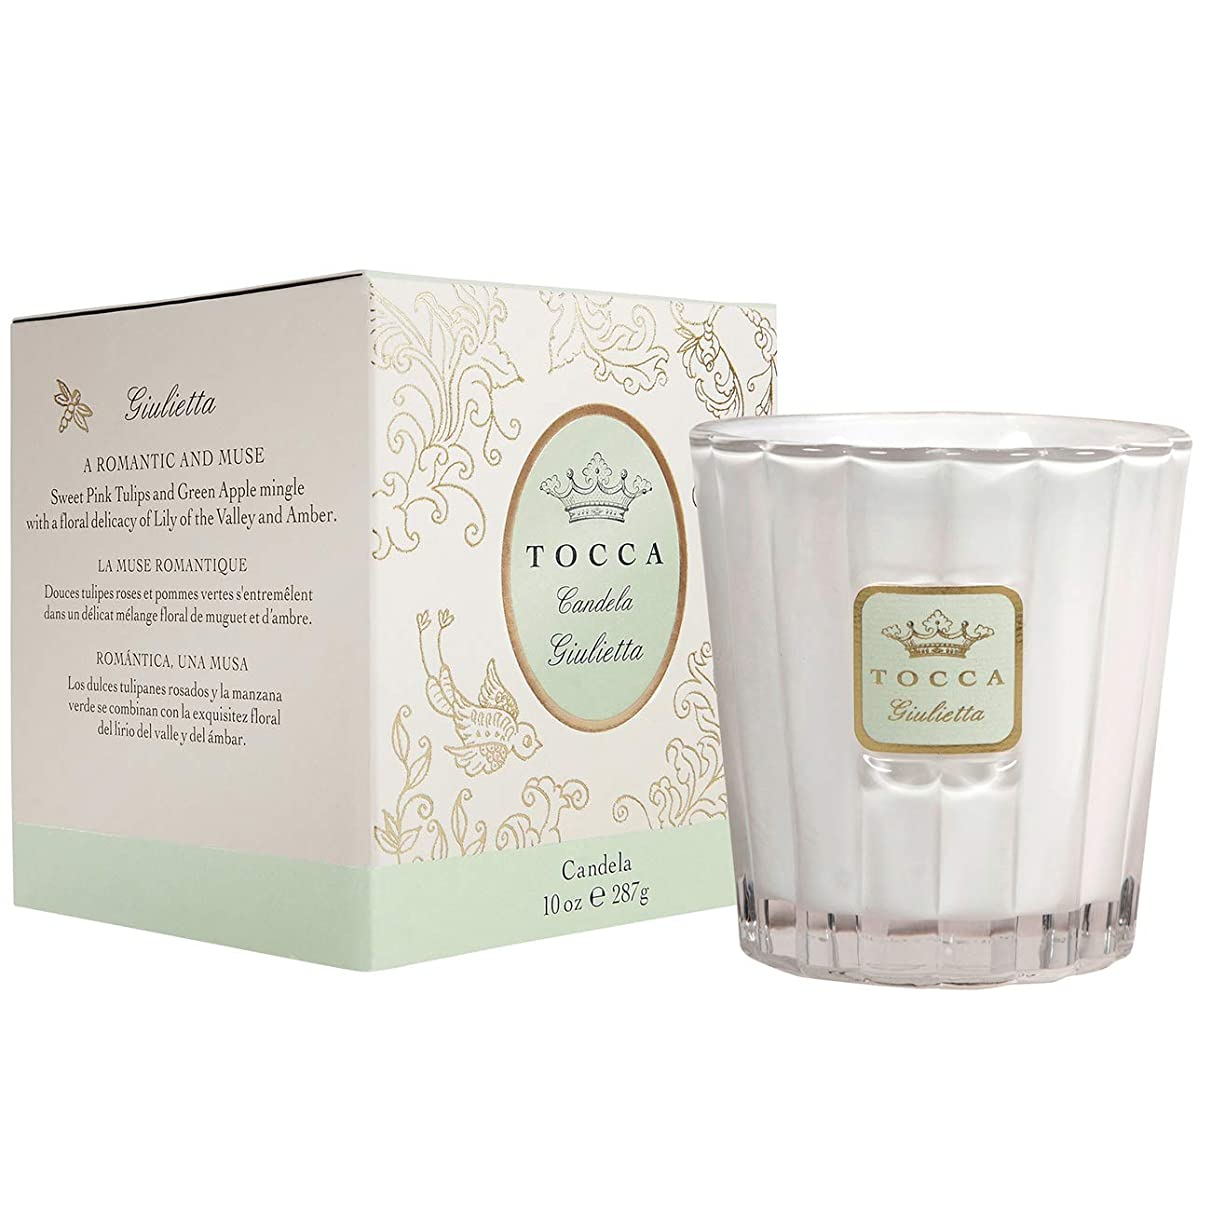 構築する興奮する実質的にトッカ(TOCCA) キャンドル ジュリエッタの香り 約287g (ろうそく 爽やかで甘い香り)